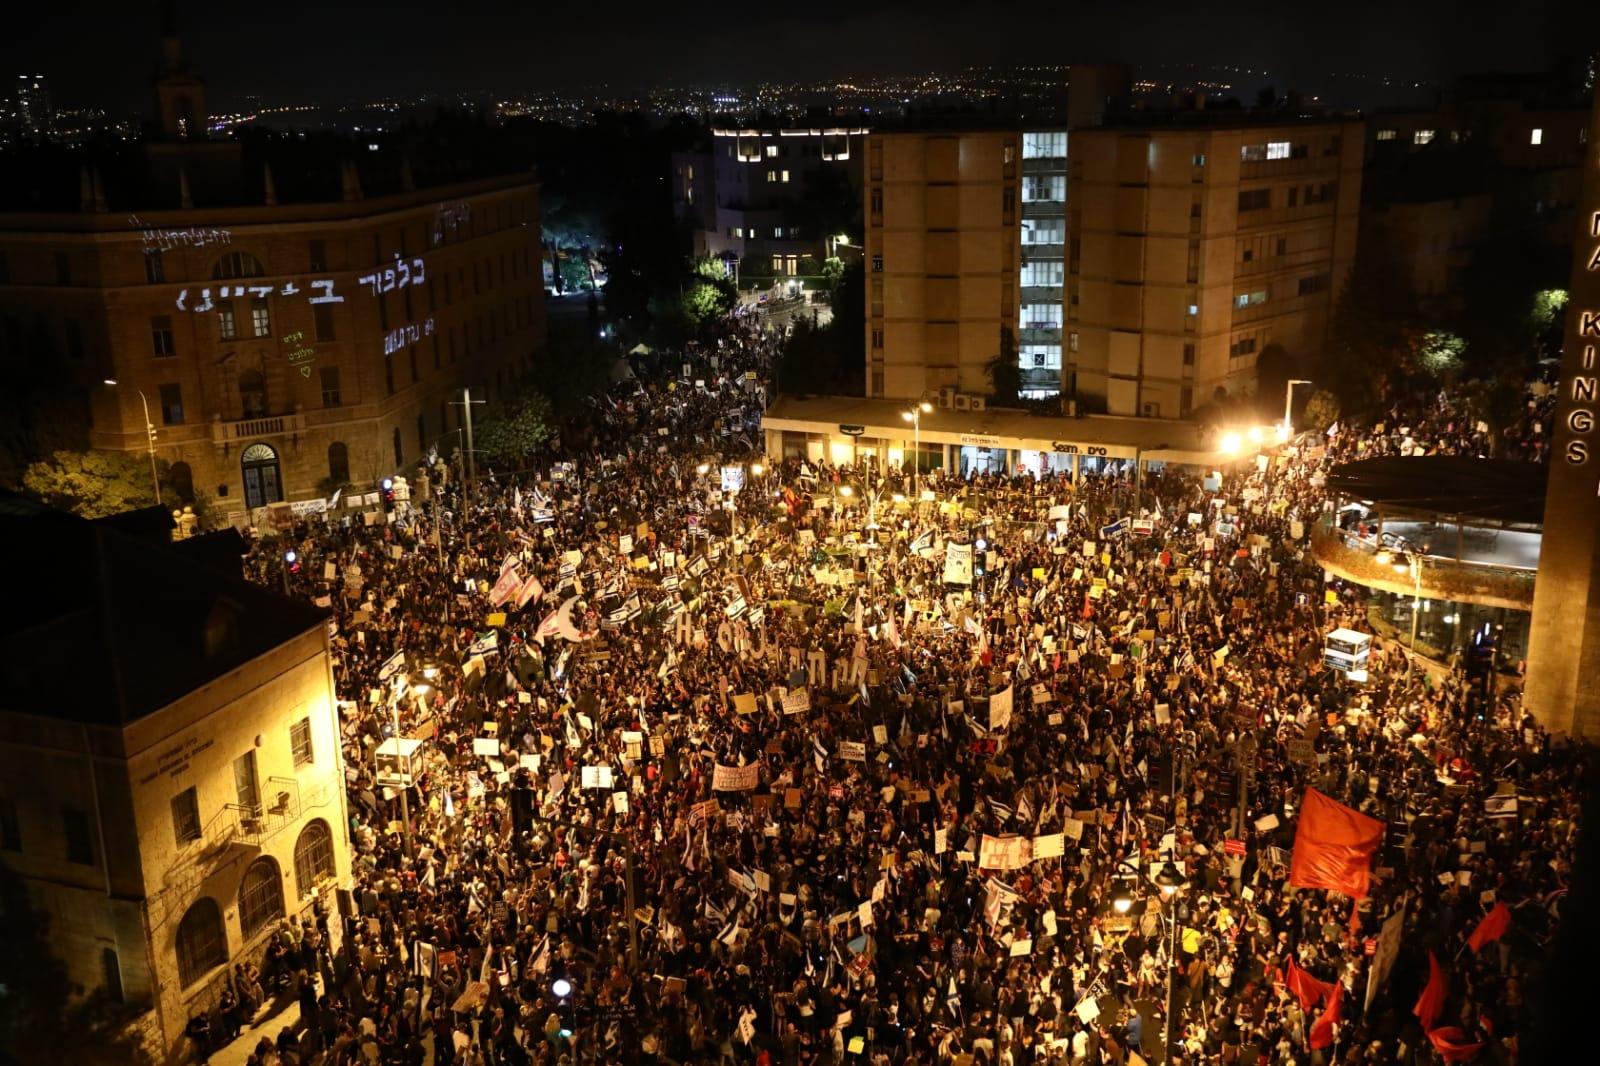 כ-10,000 איש ממלאים את כיכר פריז בהפגנה ב-8 באוגוסט (צילום: אורן זיו)